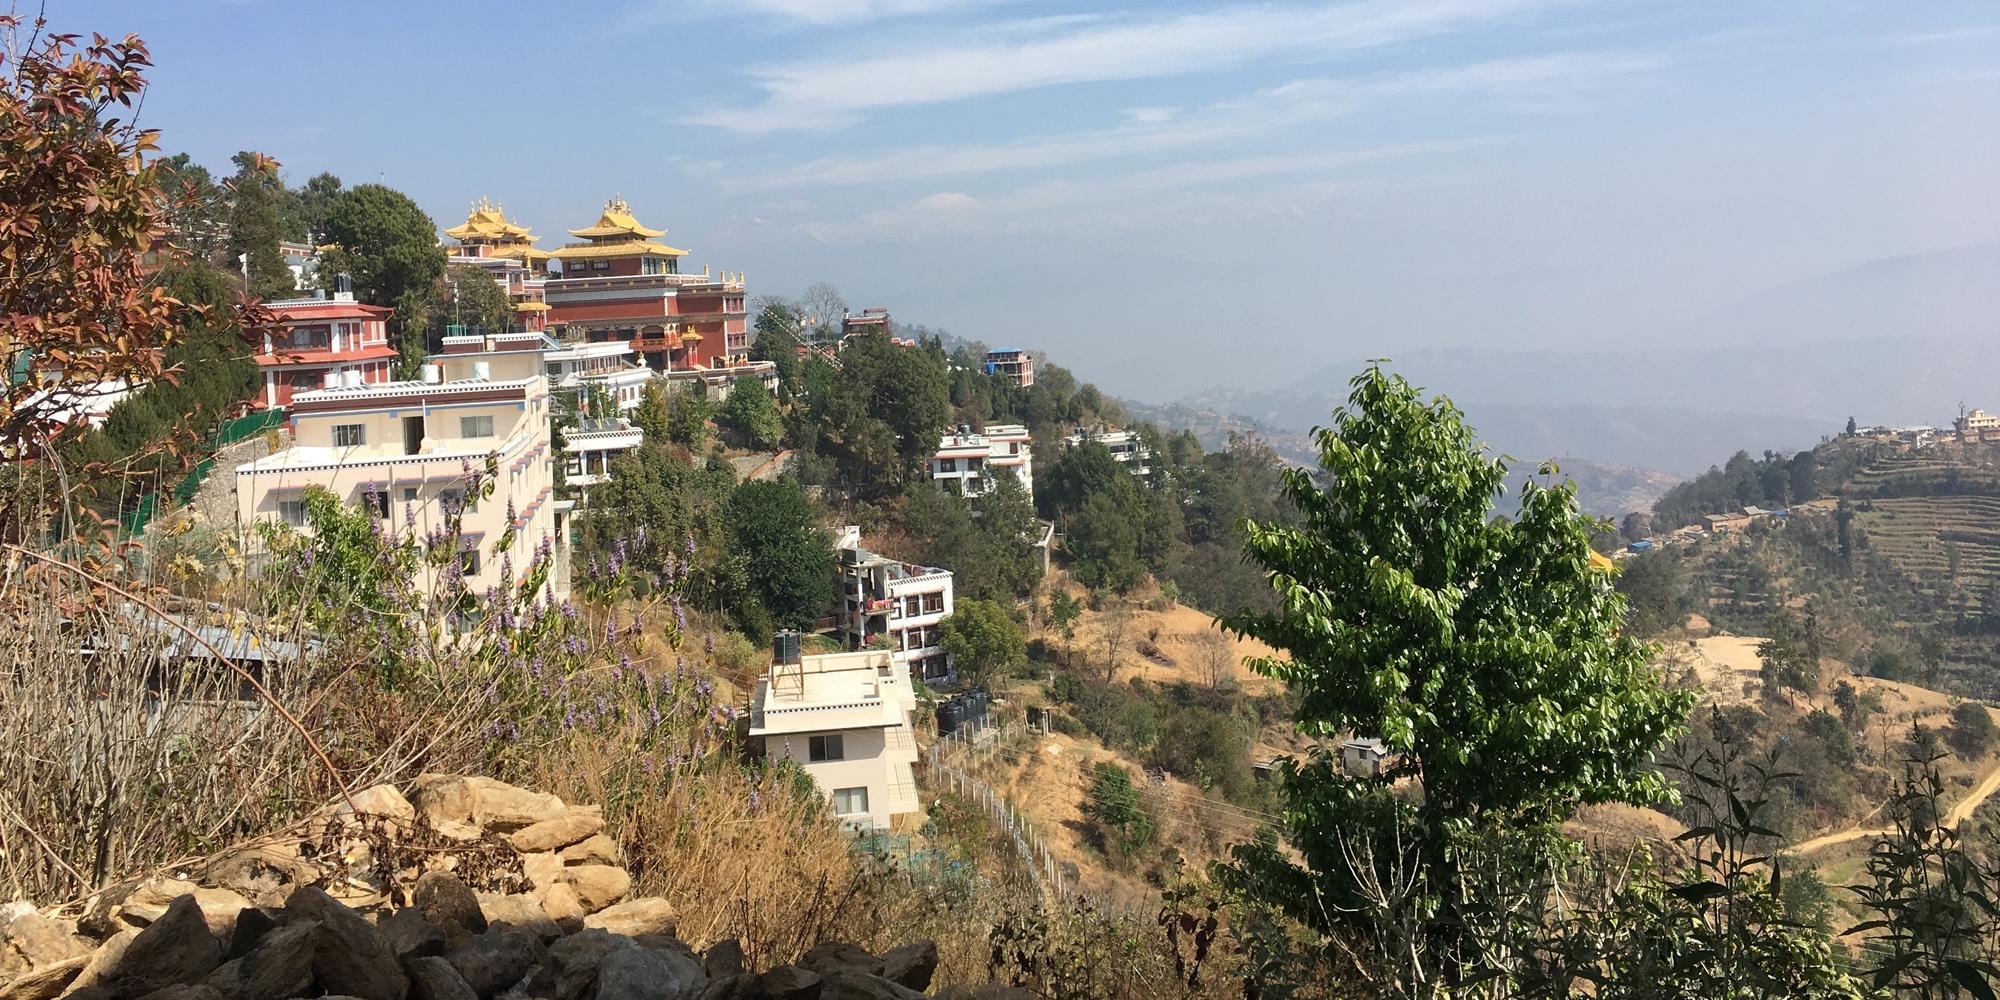 Dhulikhel Namobuddha Day Hiking